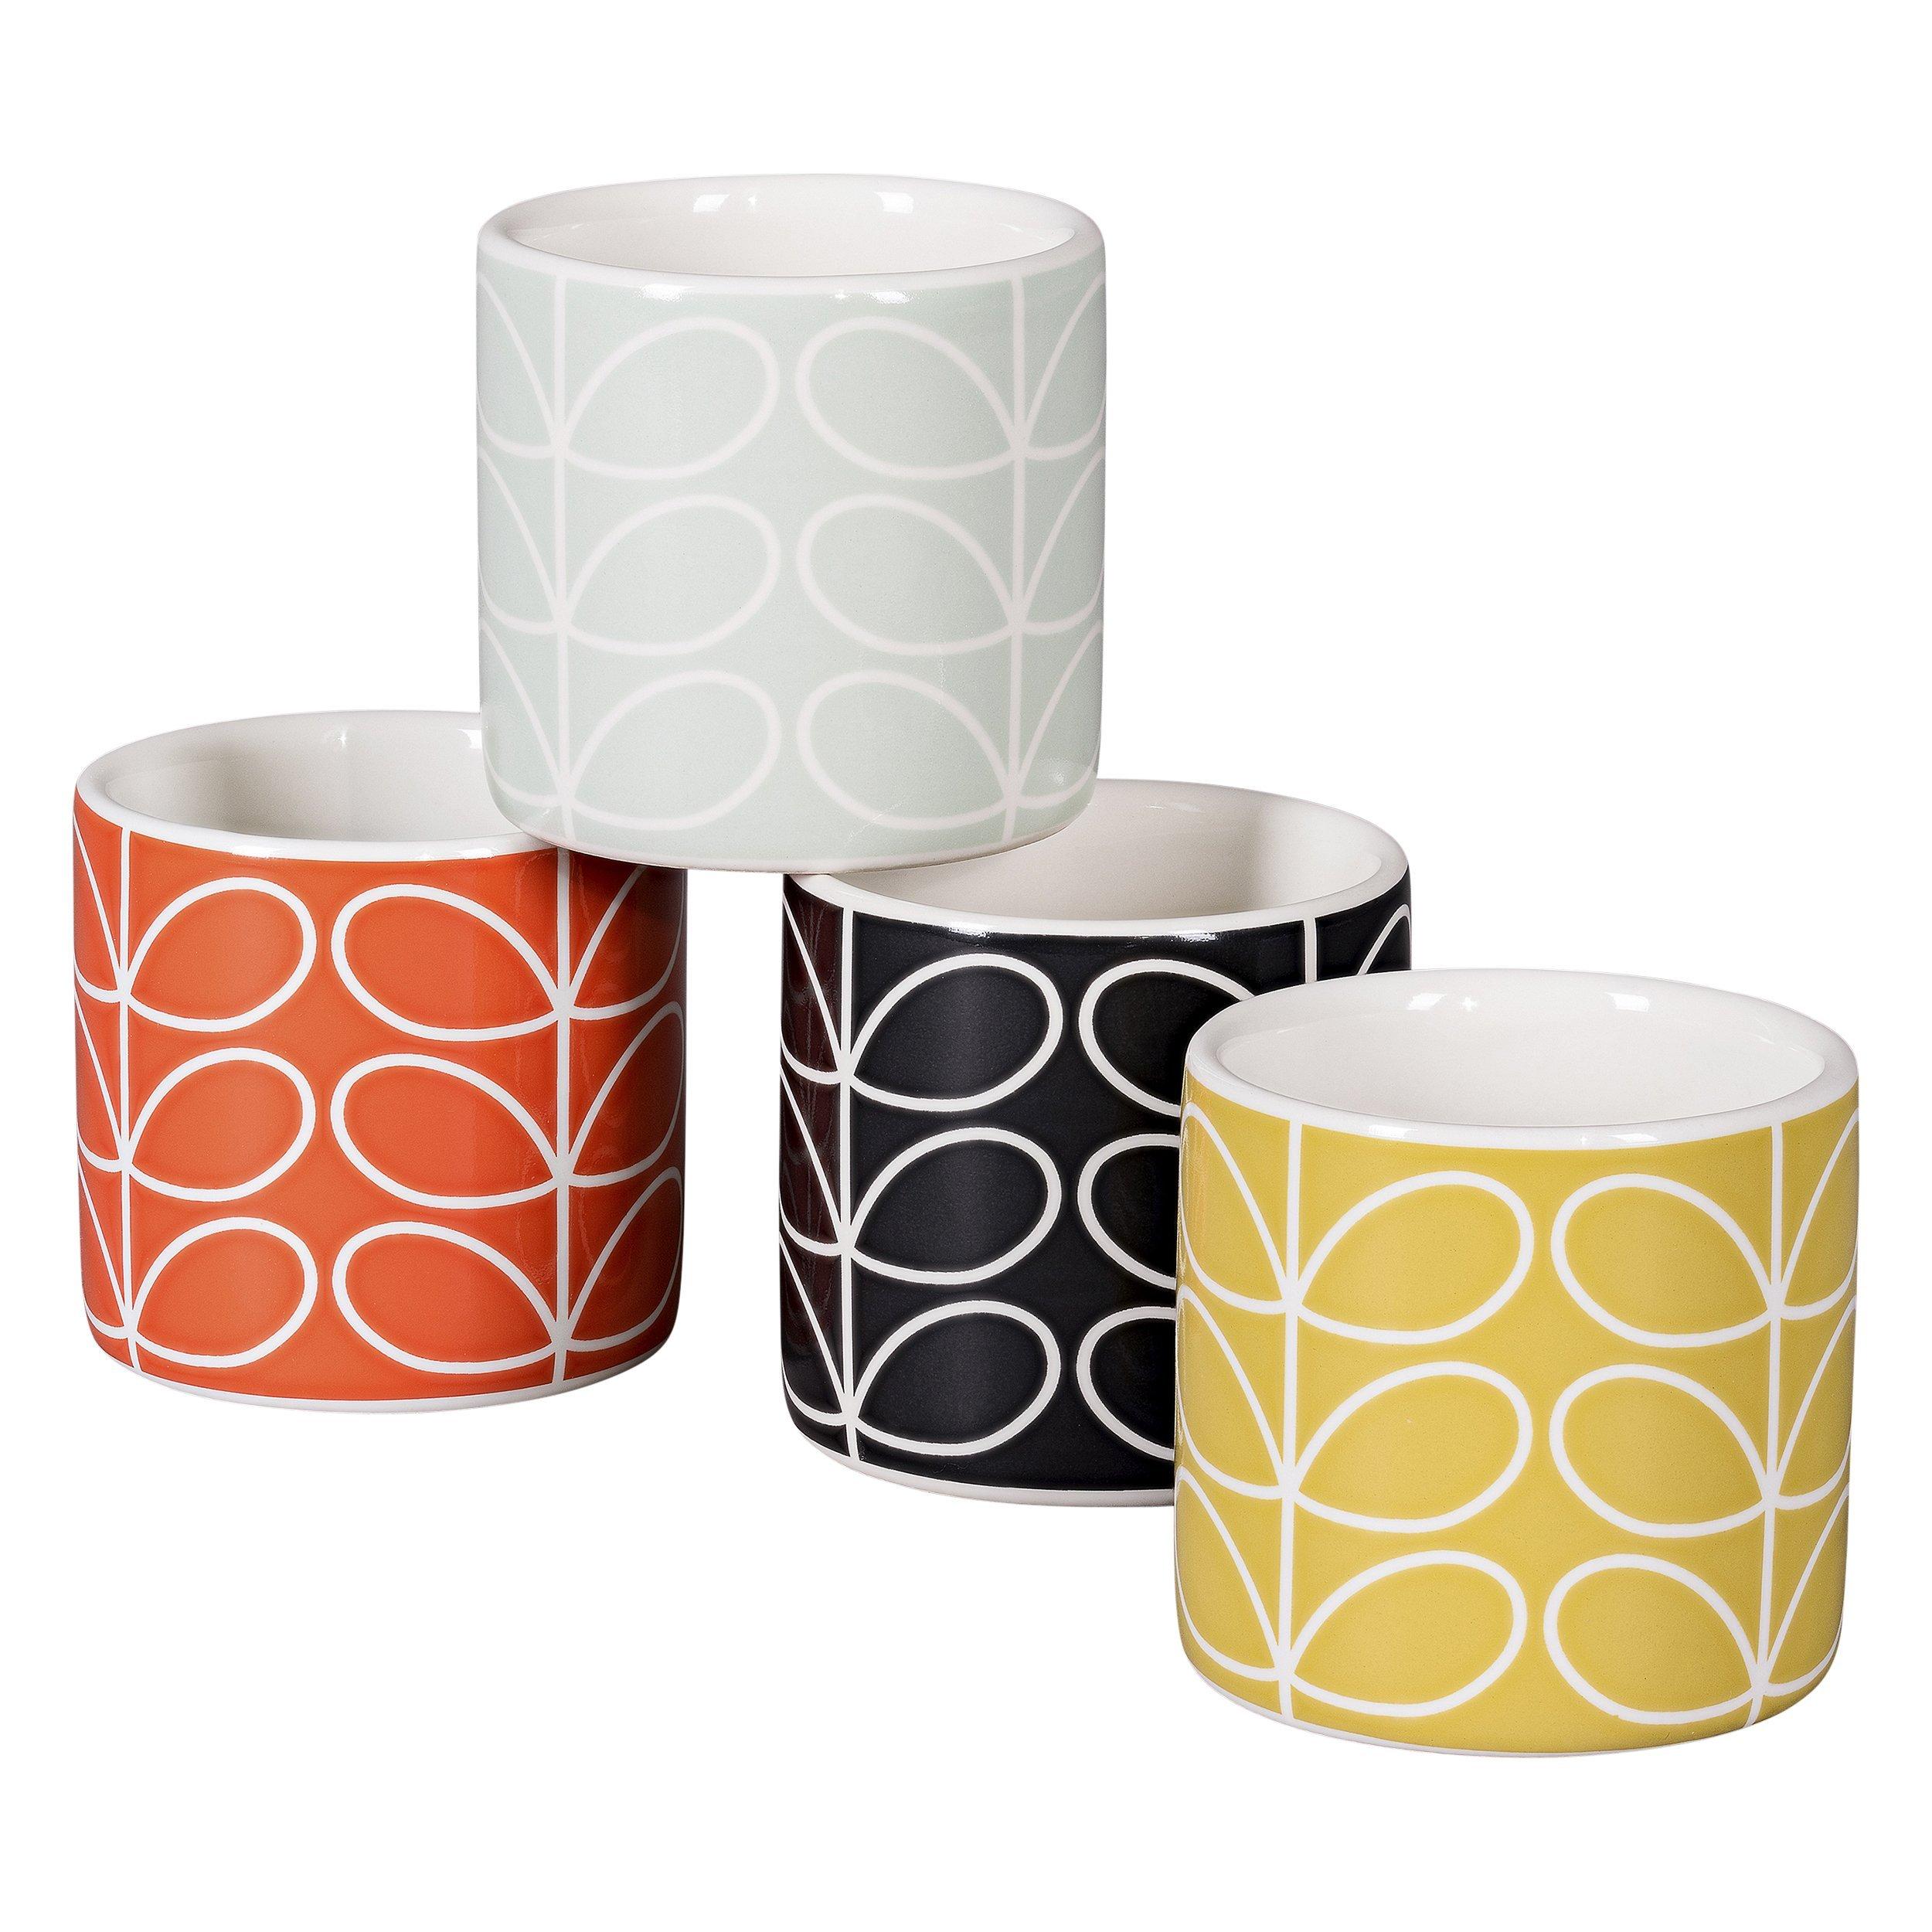 Set of 4 Egg Cups | Linear Stem Design